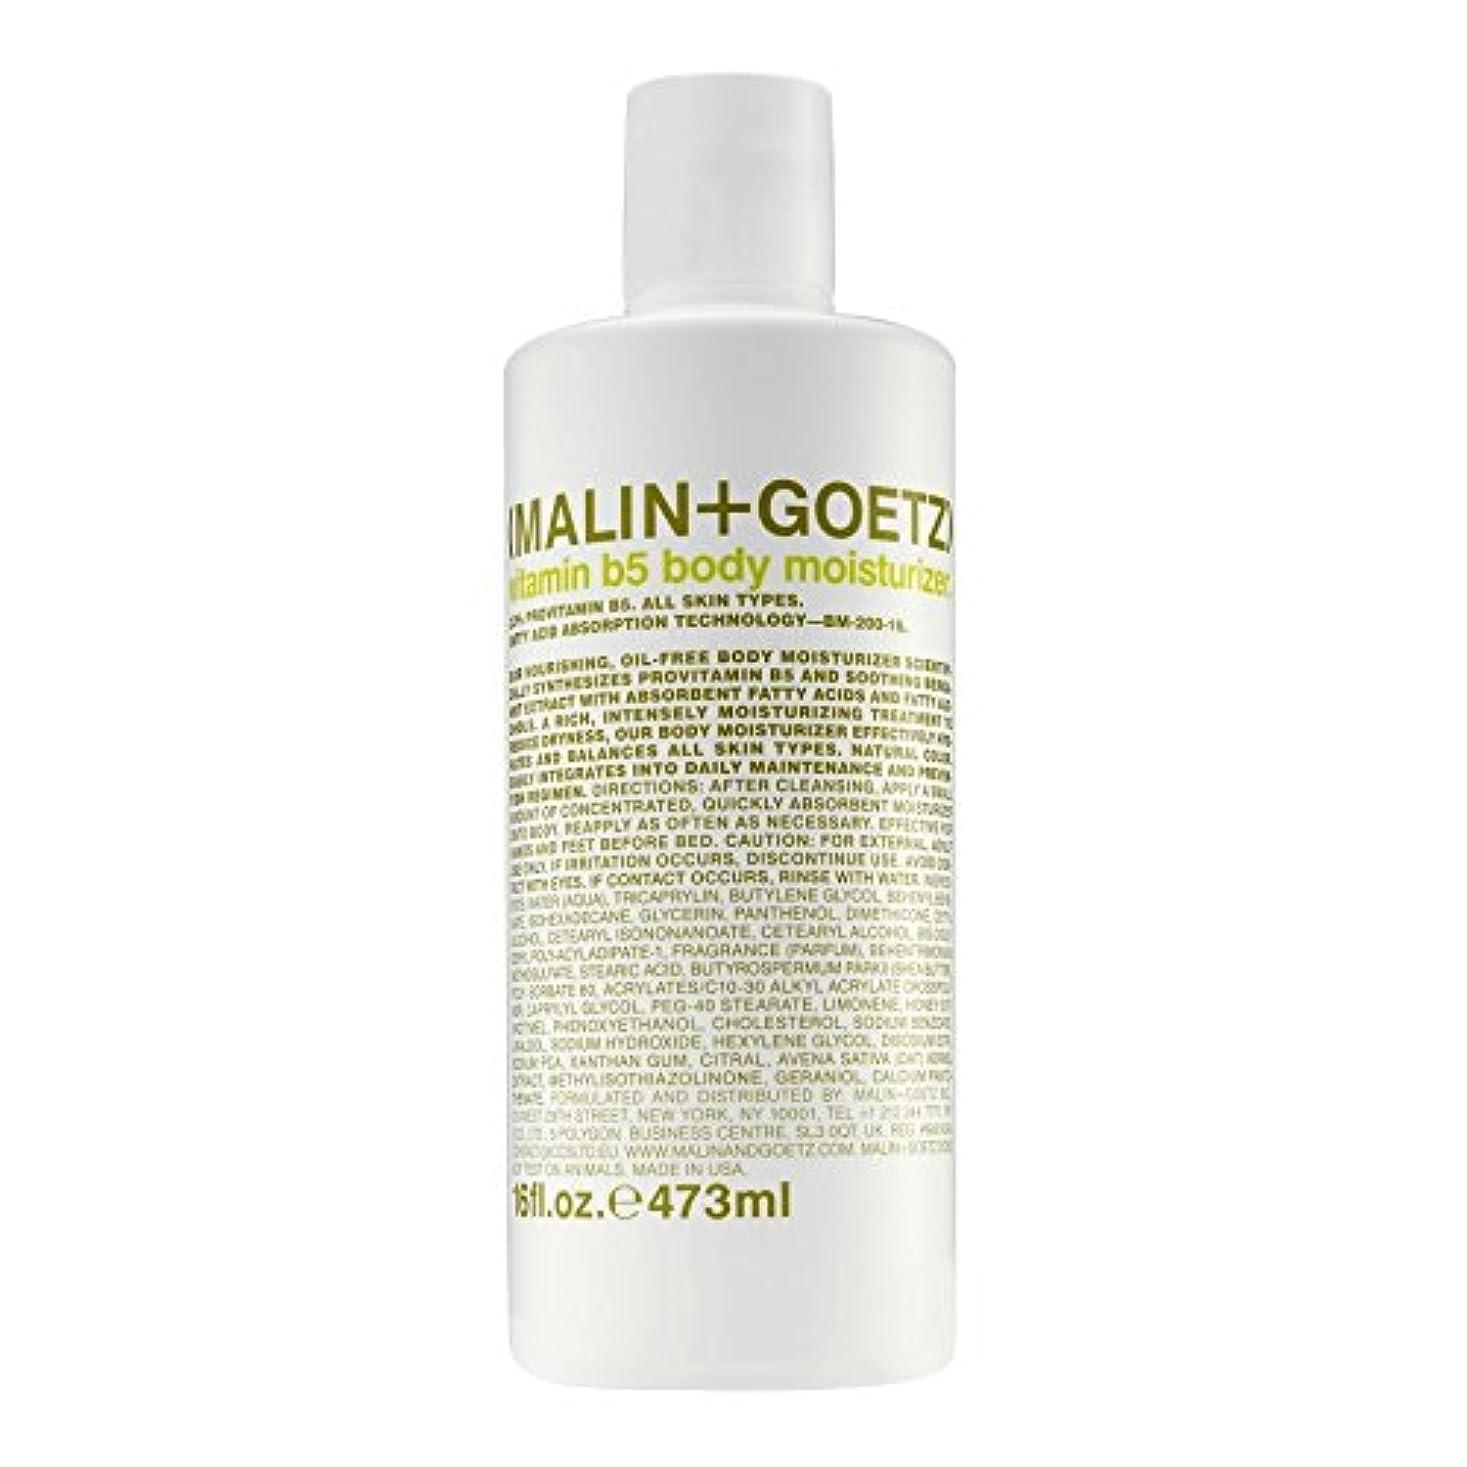 ピカリングクルーズワゴンマリン+ゲッツビタミン5ボディモイスチャライザーの473ミリリットル x4 - MALIN+GOETZ Vitamin B5 Body Moisturiser 473ml (Pack of 4) [並行輸入品]